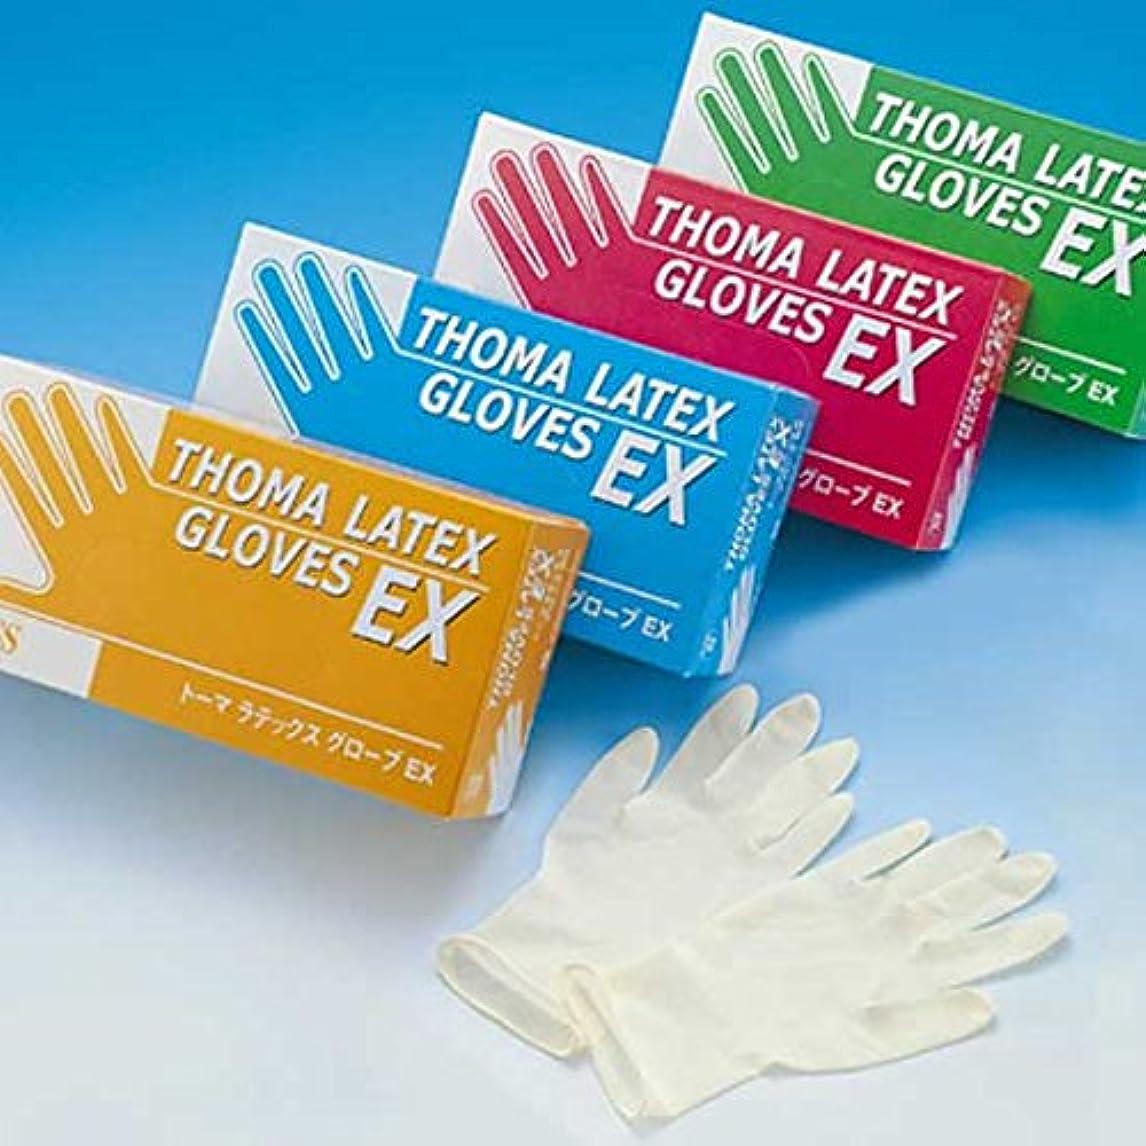 エピソード同志ポインタトーマラテックス手袋EX 天然ゴム 使い捨て手袋 粉つき2000枚 (100枚入り×20箱)まとめ買い (SS)